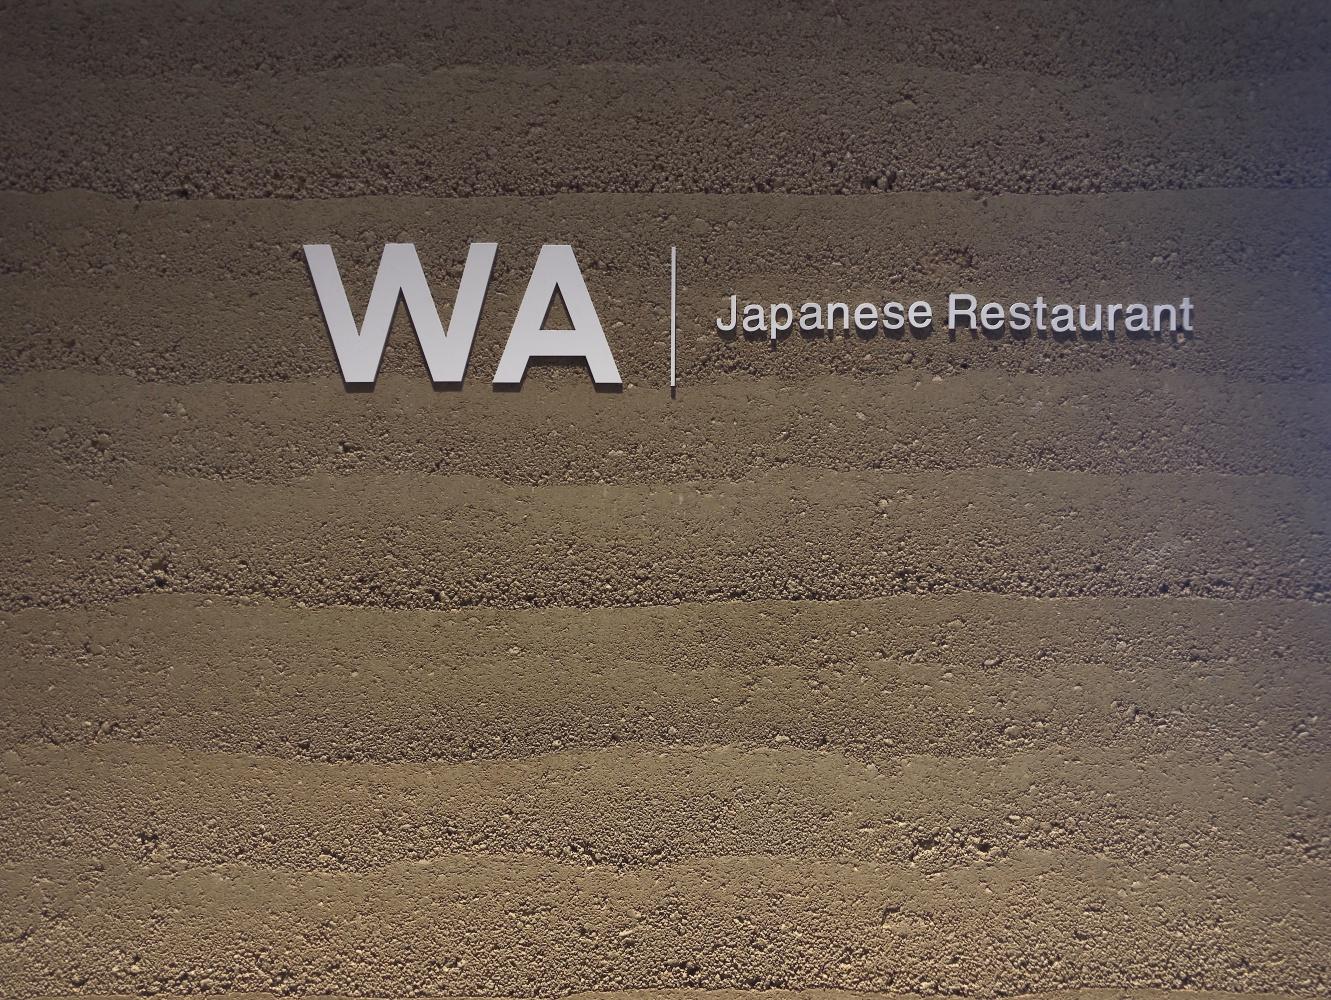 무인양품 유라쿠초점을 철거하면서 나온 흙과 돌을 재활용한 일식당 '와' 입구를 통해 무지 호텔 긴자 소재에 담겨 있는 지역성을 엿볼 수 있다. ©이승준